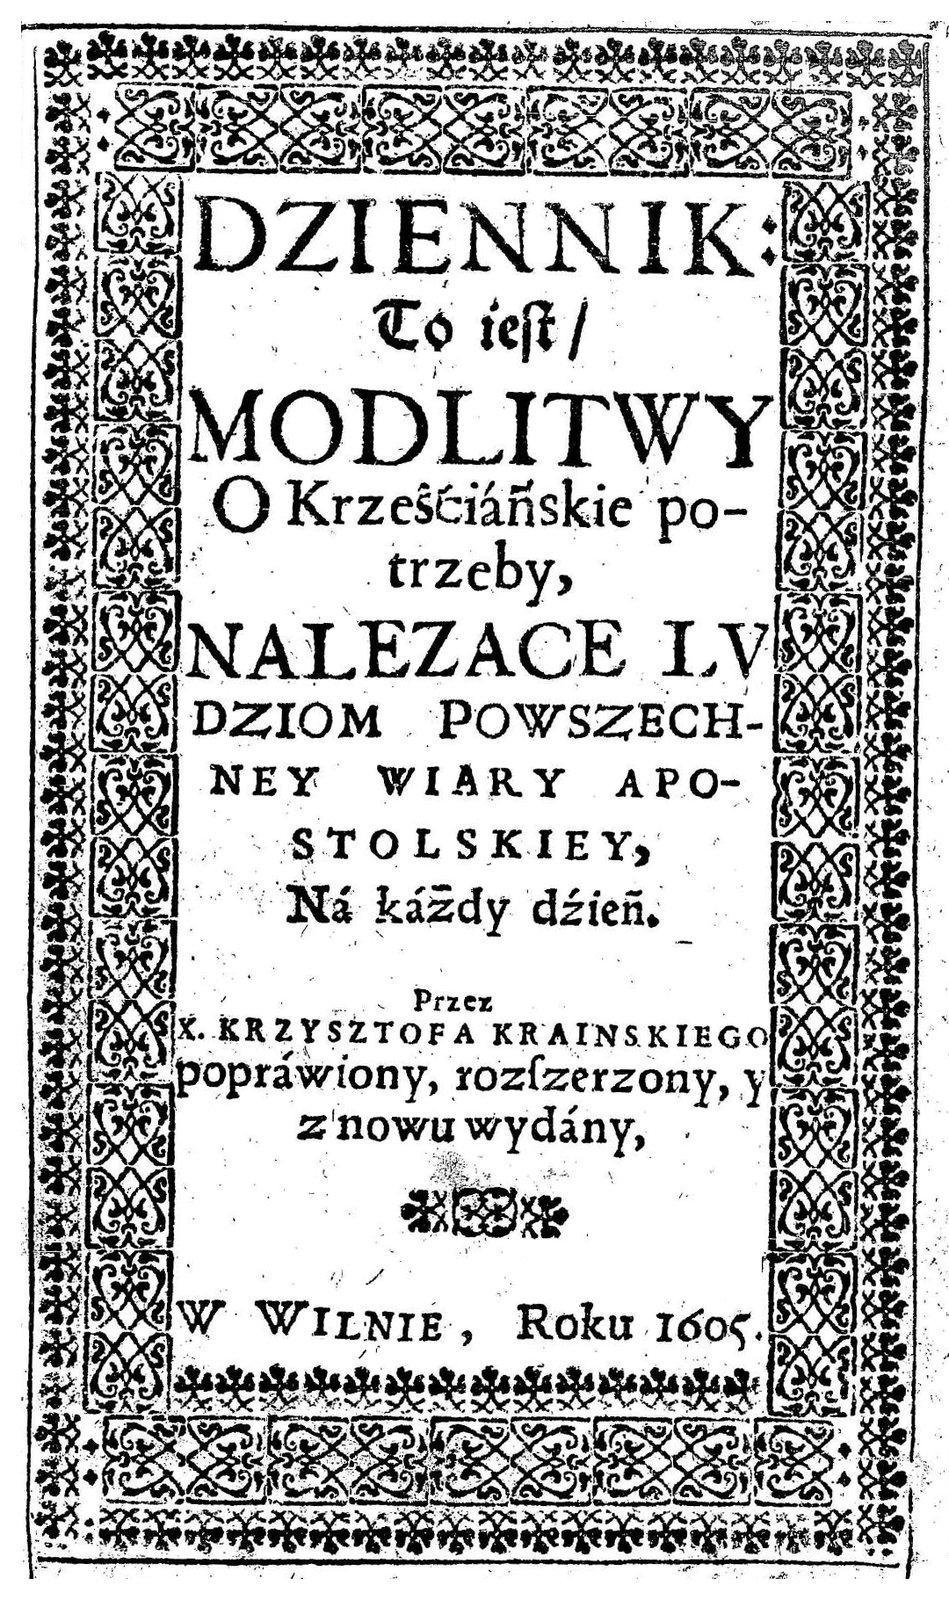 Okładka modlitewnika wydanego w1605 r.